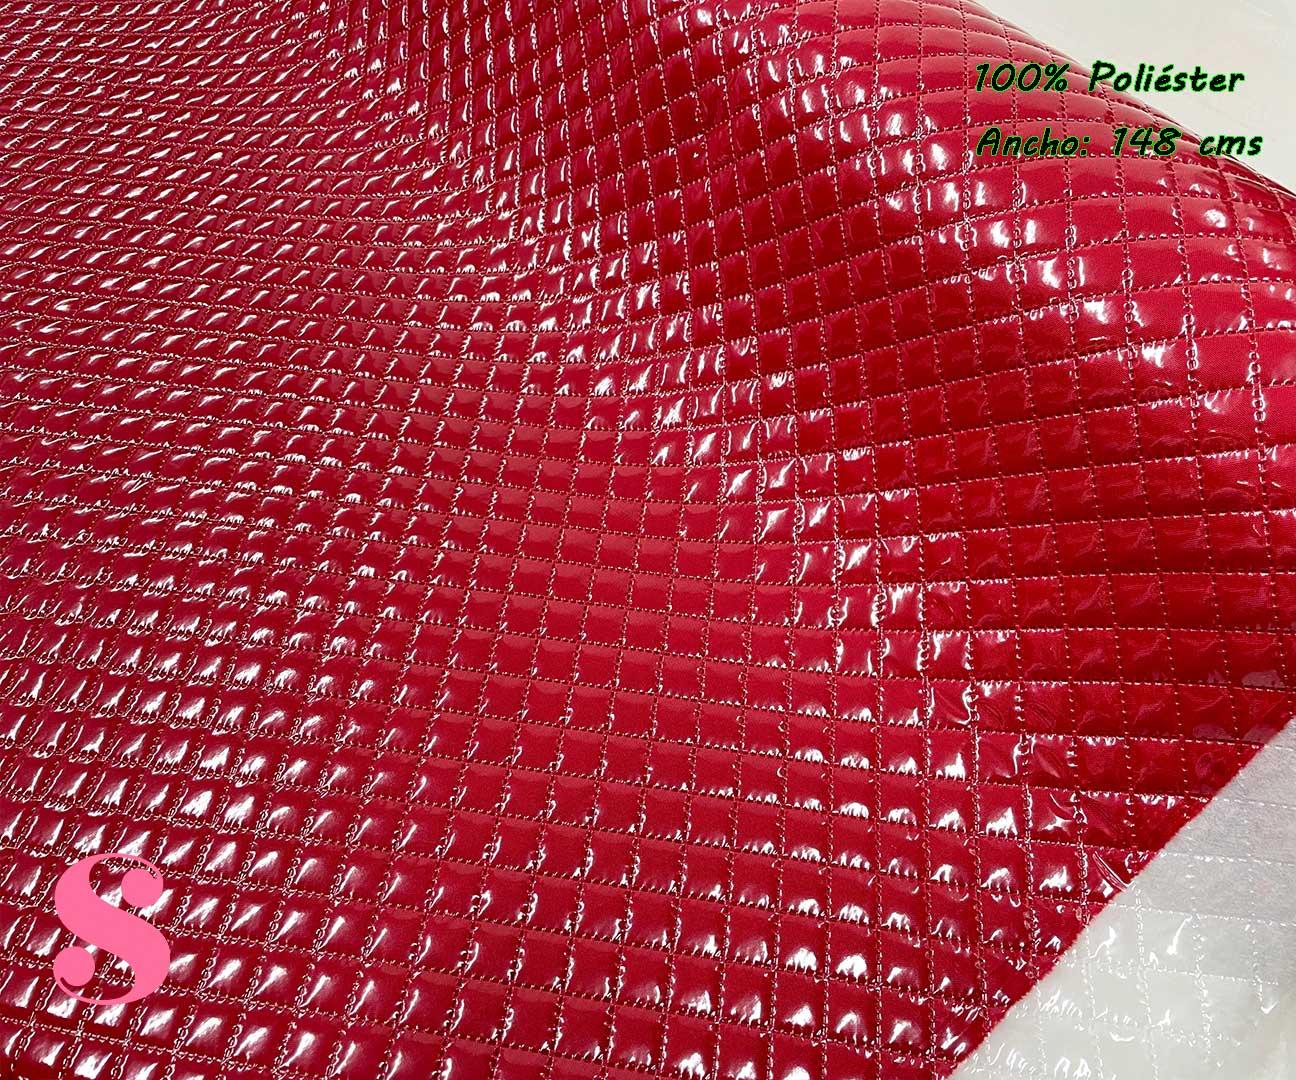 2-telas-plastificadas,tejidos-plastificados,tejidos-impermeables,telas-para-neceseres,telas-para-bolsos,Acolchado Plastificado Rojo